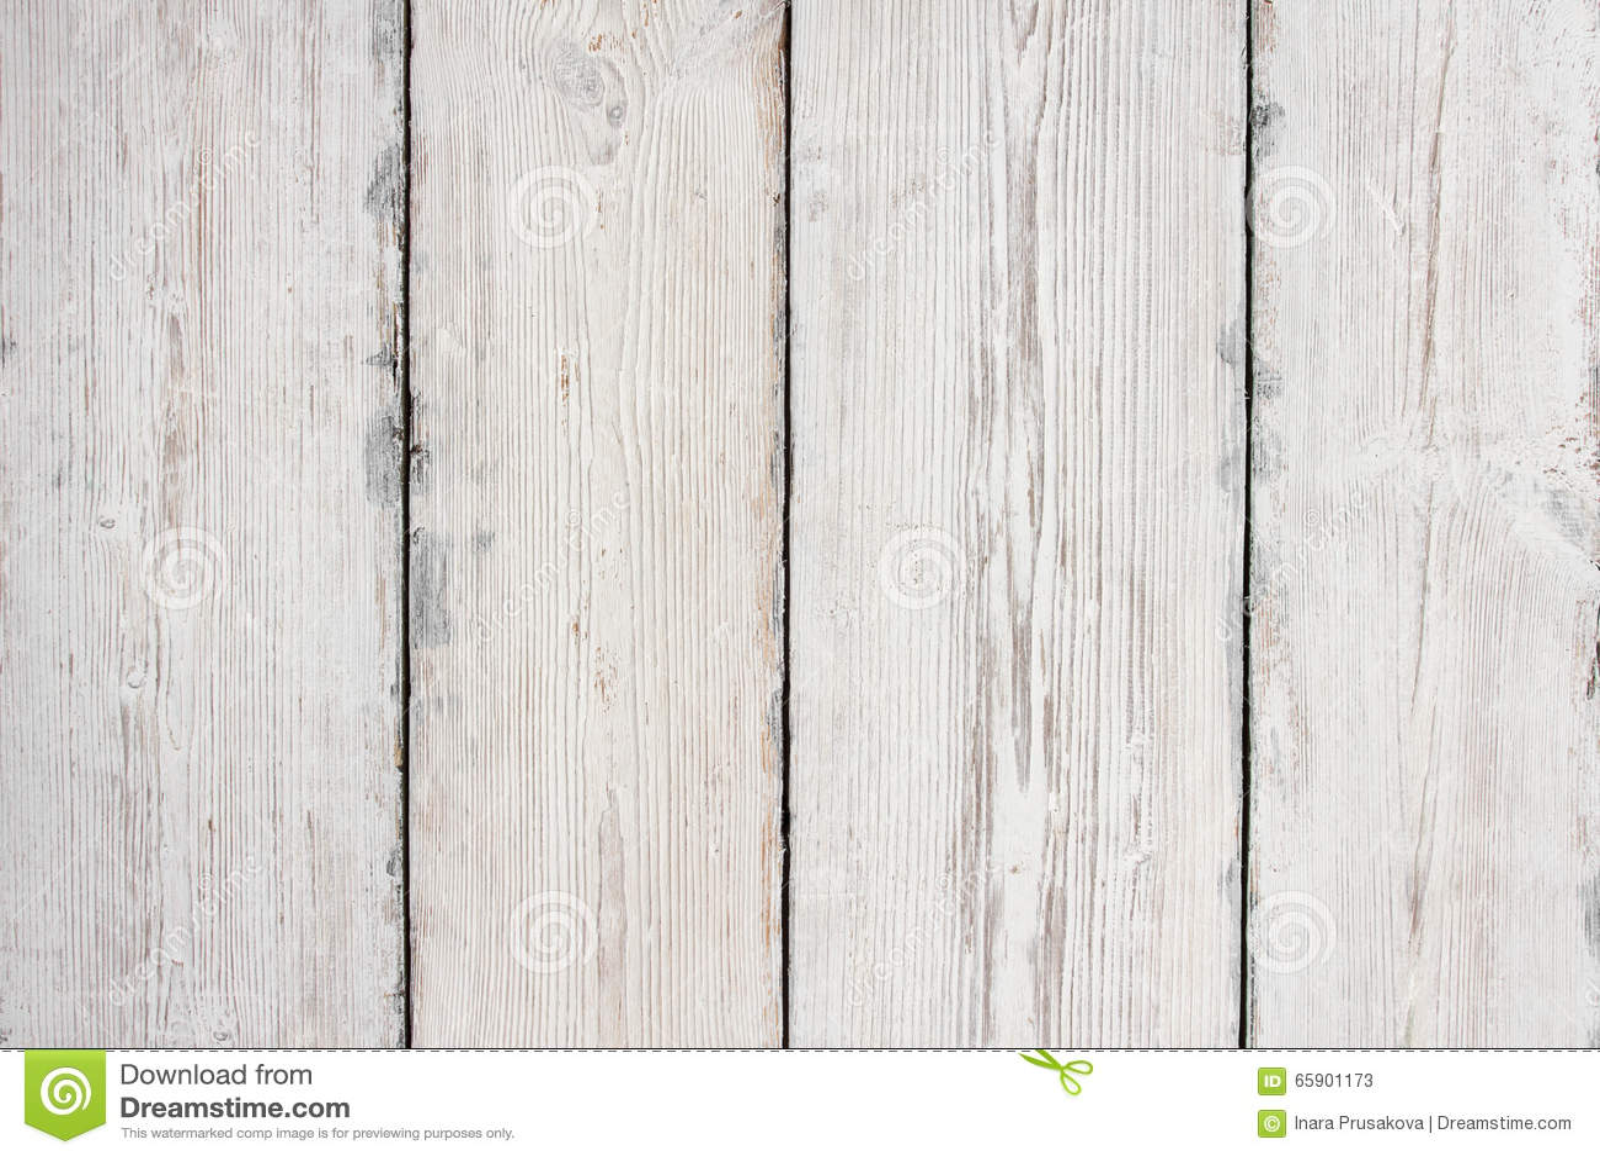 h lzerne planken beschaffenheit wei er holztisch hintergrund boden stockfoto bild 65901173. Black Bedroom Furniture Sets. Home Design Ideas